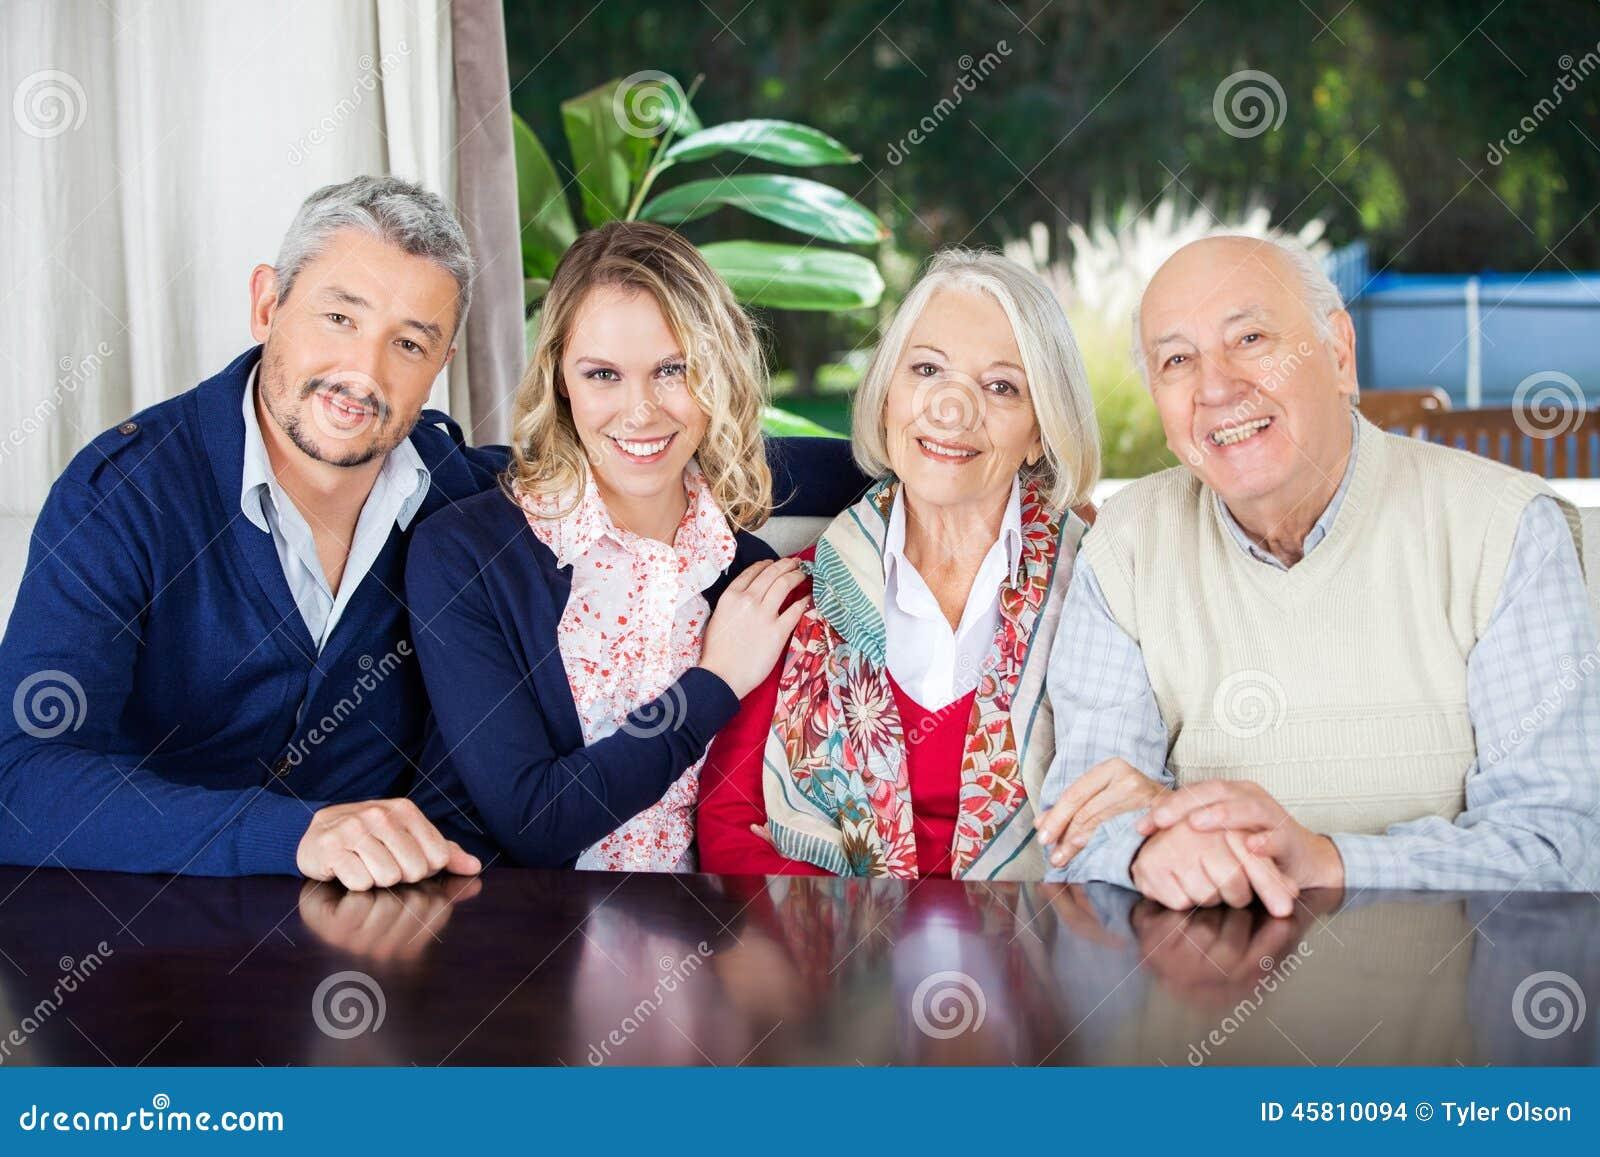 Как посещать дом престарелых пансионат для больных деменцией в ленинградской области